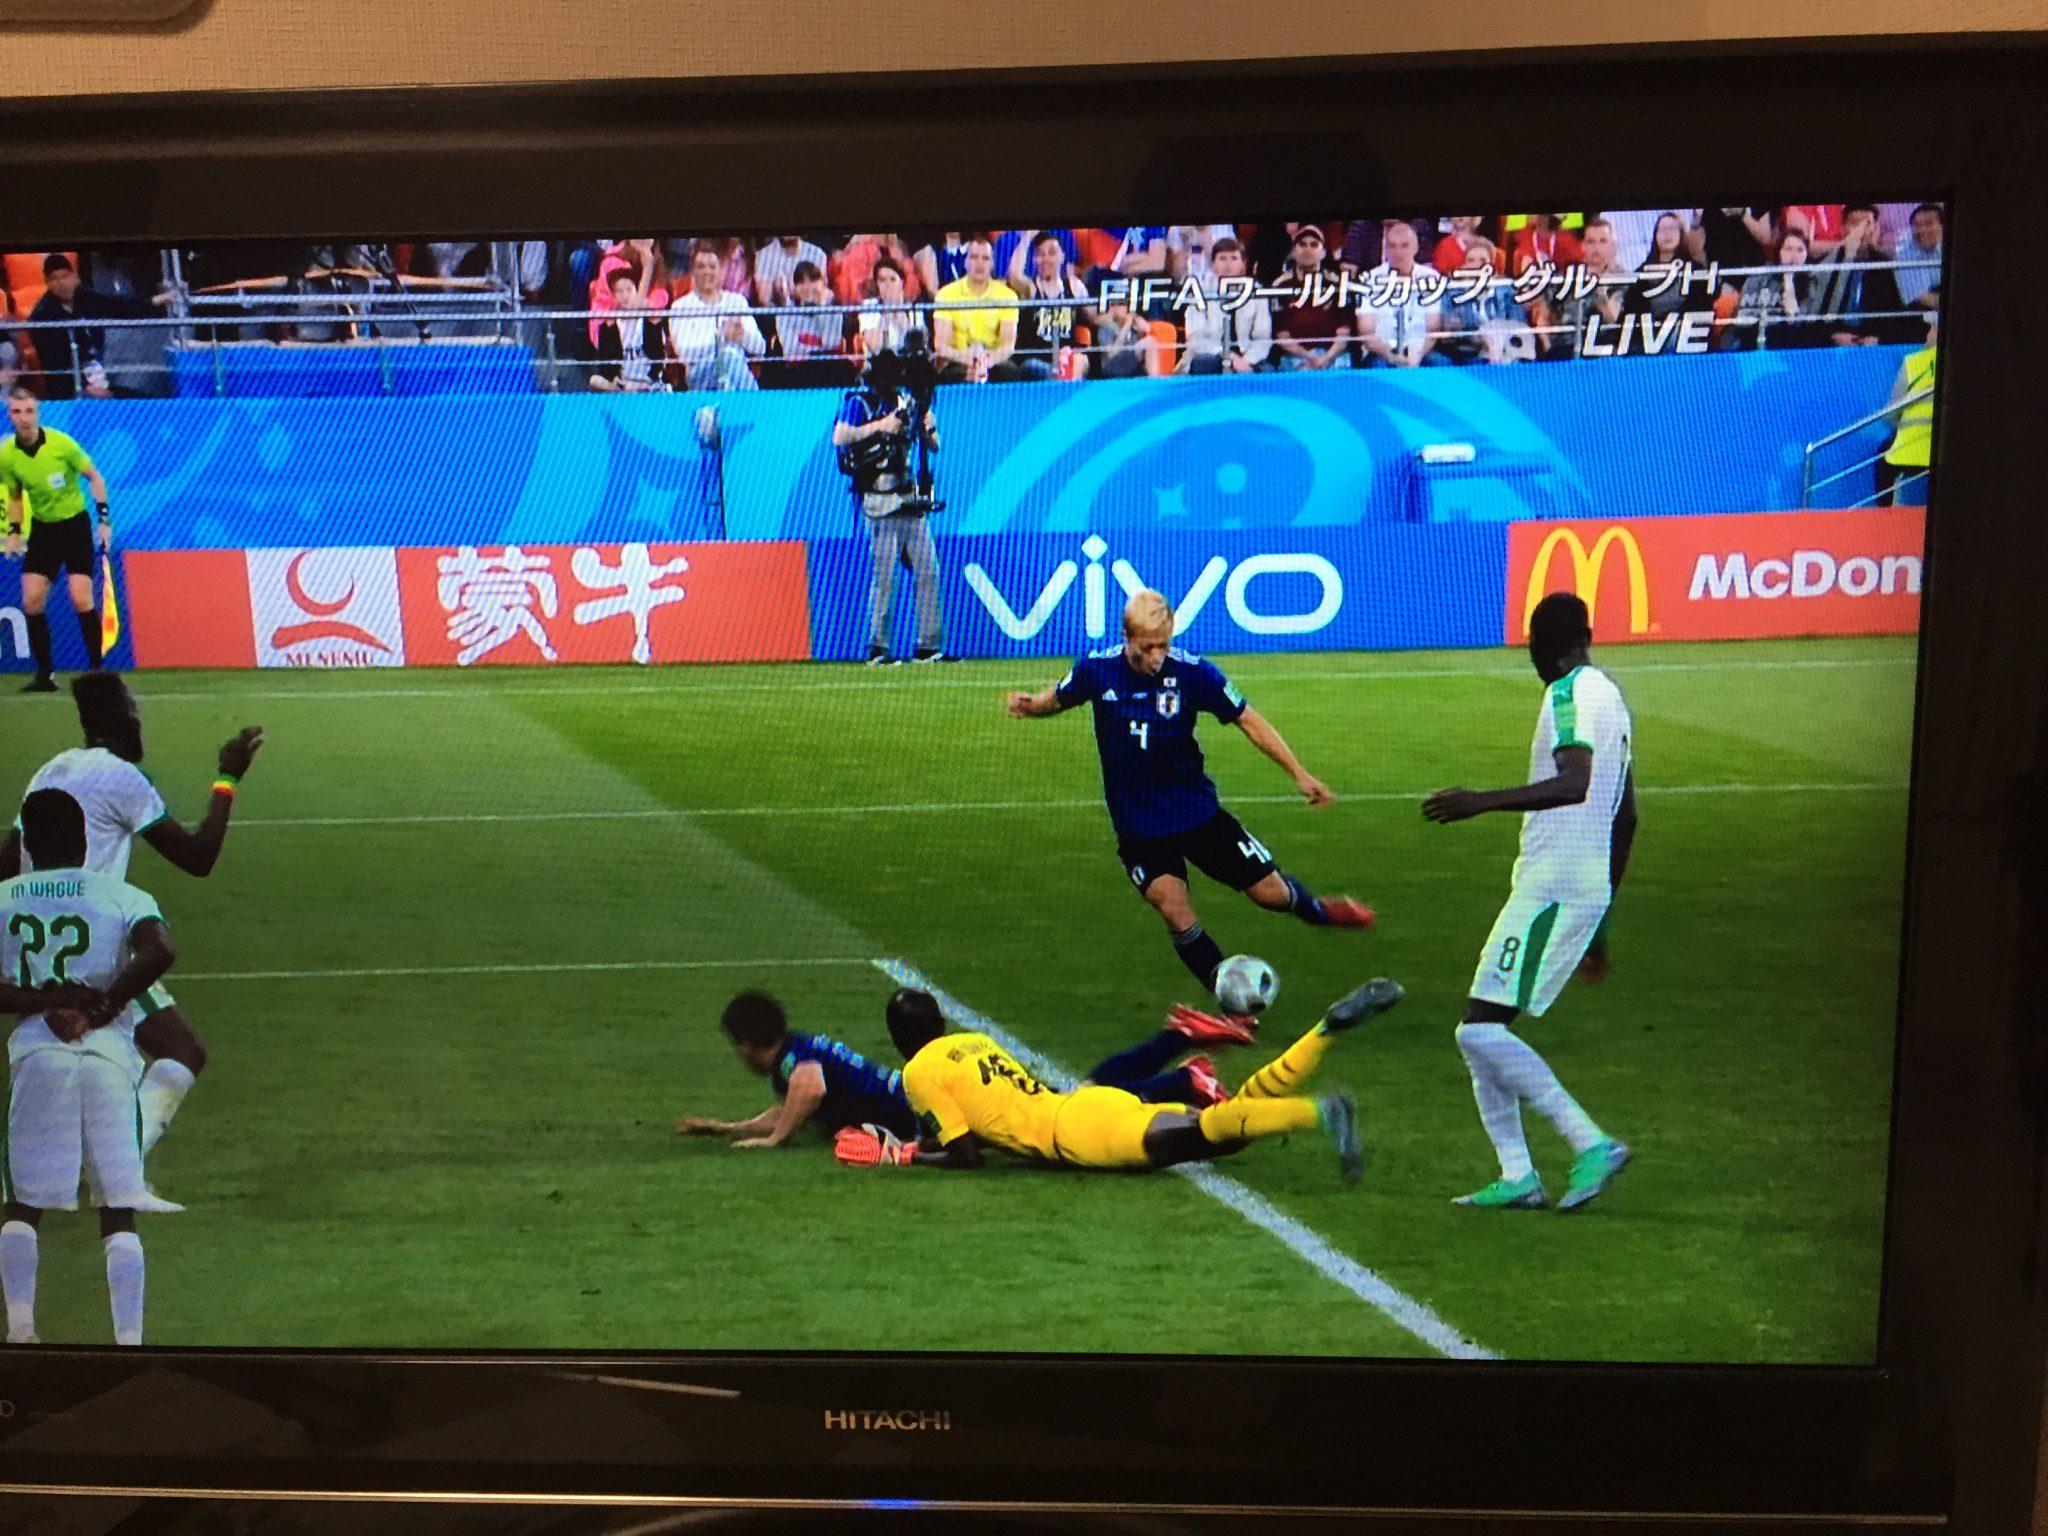 サッカーワールドカップ日本代表の戦いを観ていろいろ思うことと、息子の成績予想の記録